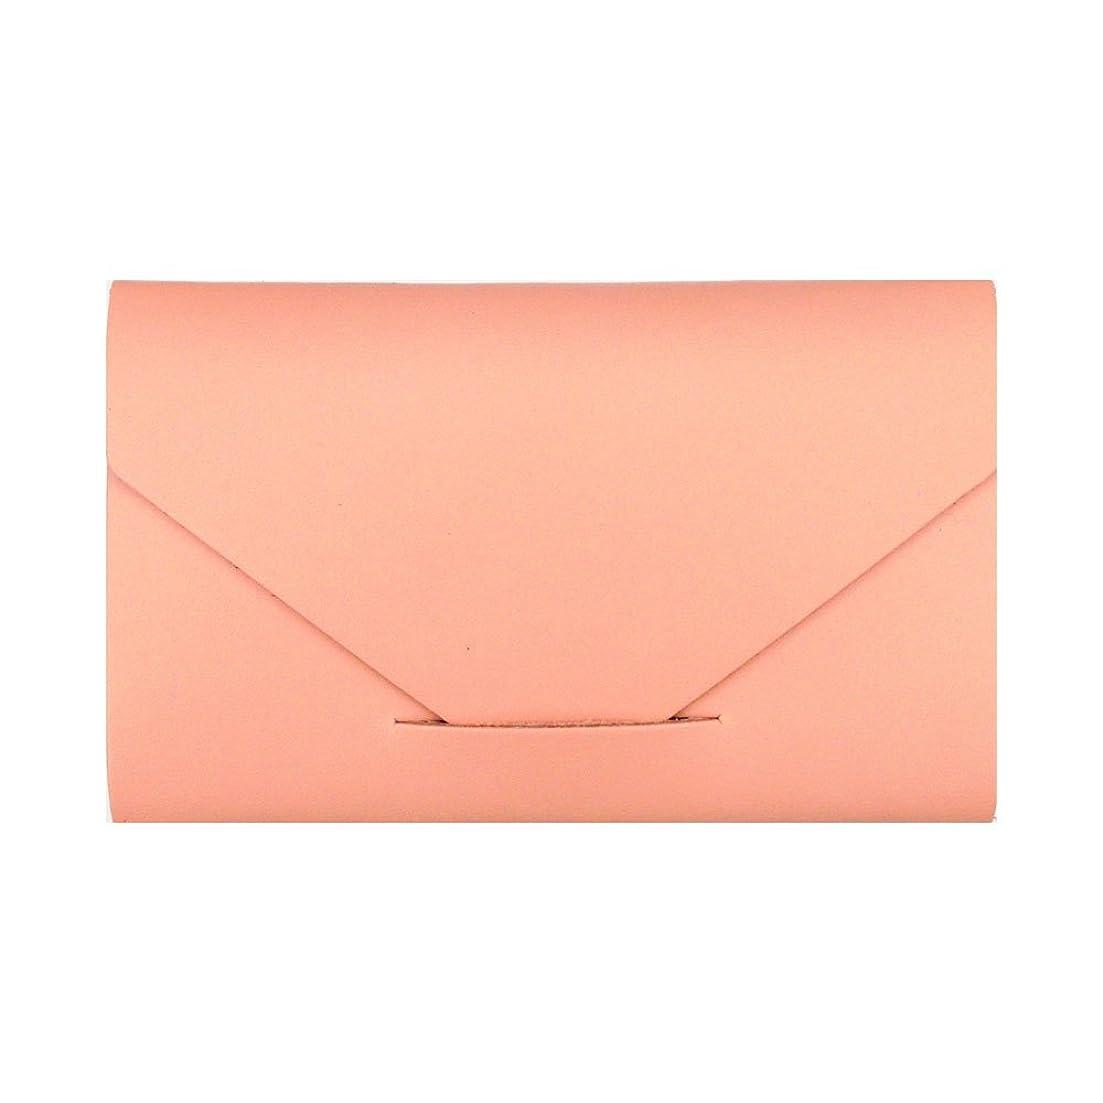 ドラマ経歴測定MODERN AGE TOKYO 2 カードケース(サシェ3種入) ピンク PINK CARD CASE モダンエイジトウキョウツー